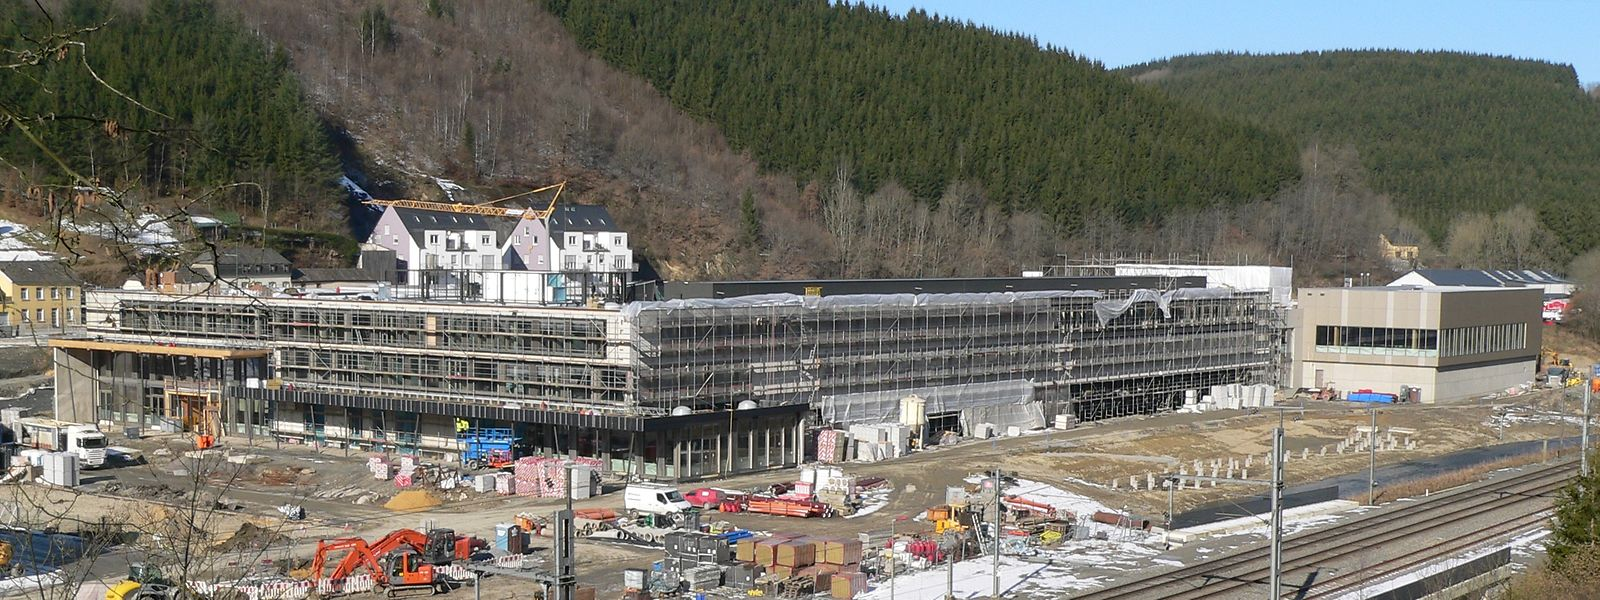 Der Panoramablick auf das neue Lycée Edward Steichen gibt inzwischen ein beeindruckendes Bild ab.